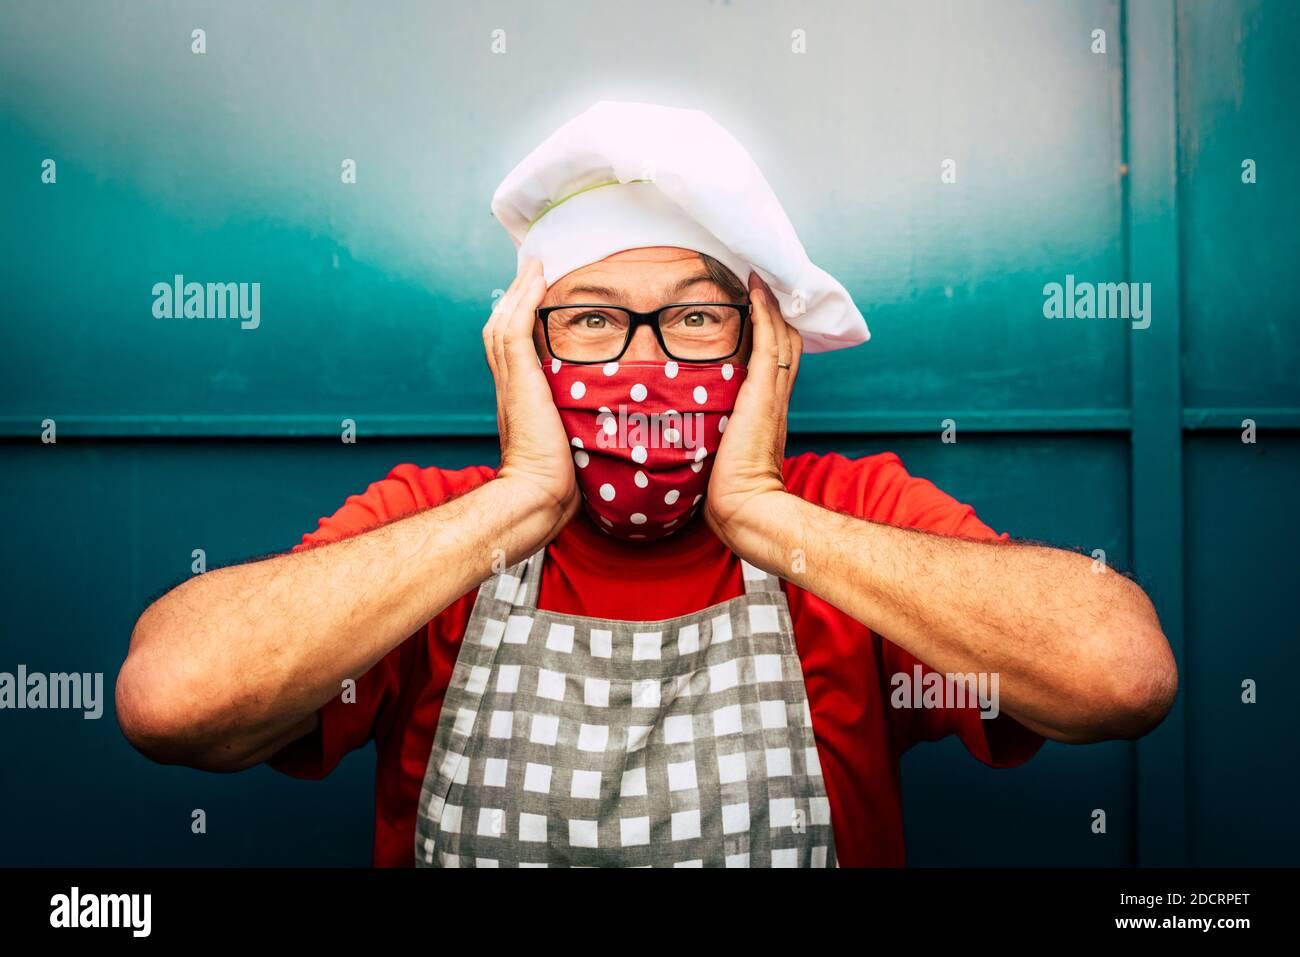 Portrait d'un homme adulte souriant avec chapeau de père noël rouge et masque facial pour l'urgence du coronavirus covid-19 virus - concept de noël et holi Banque D'Images